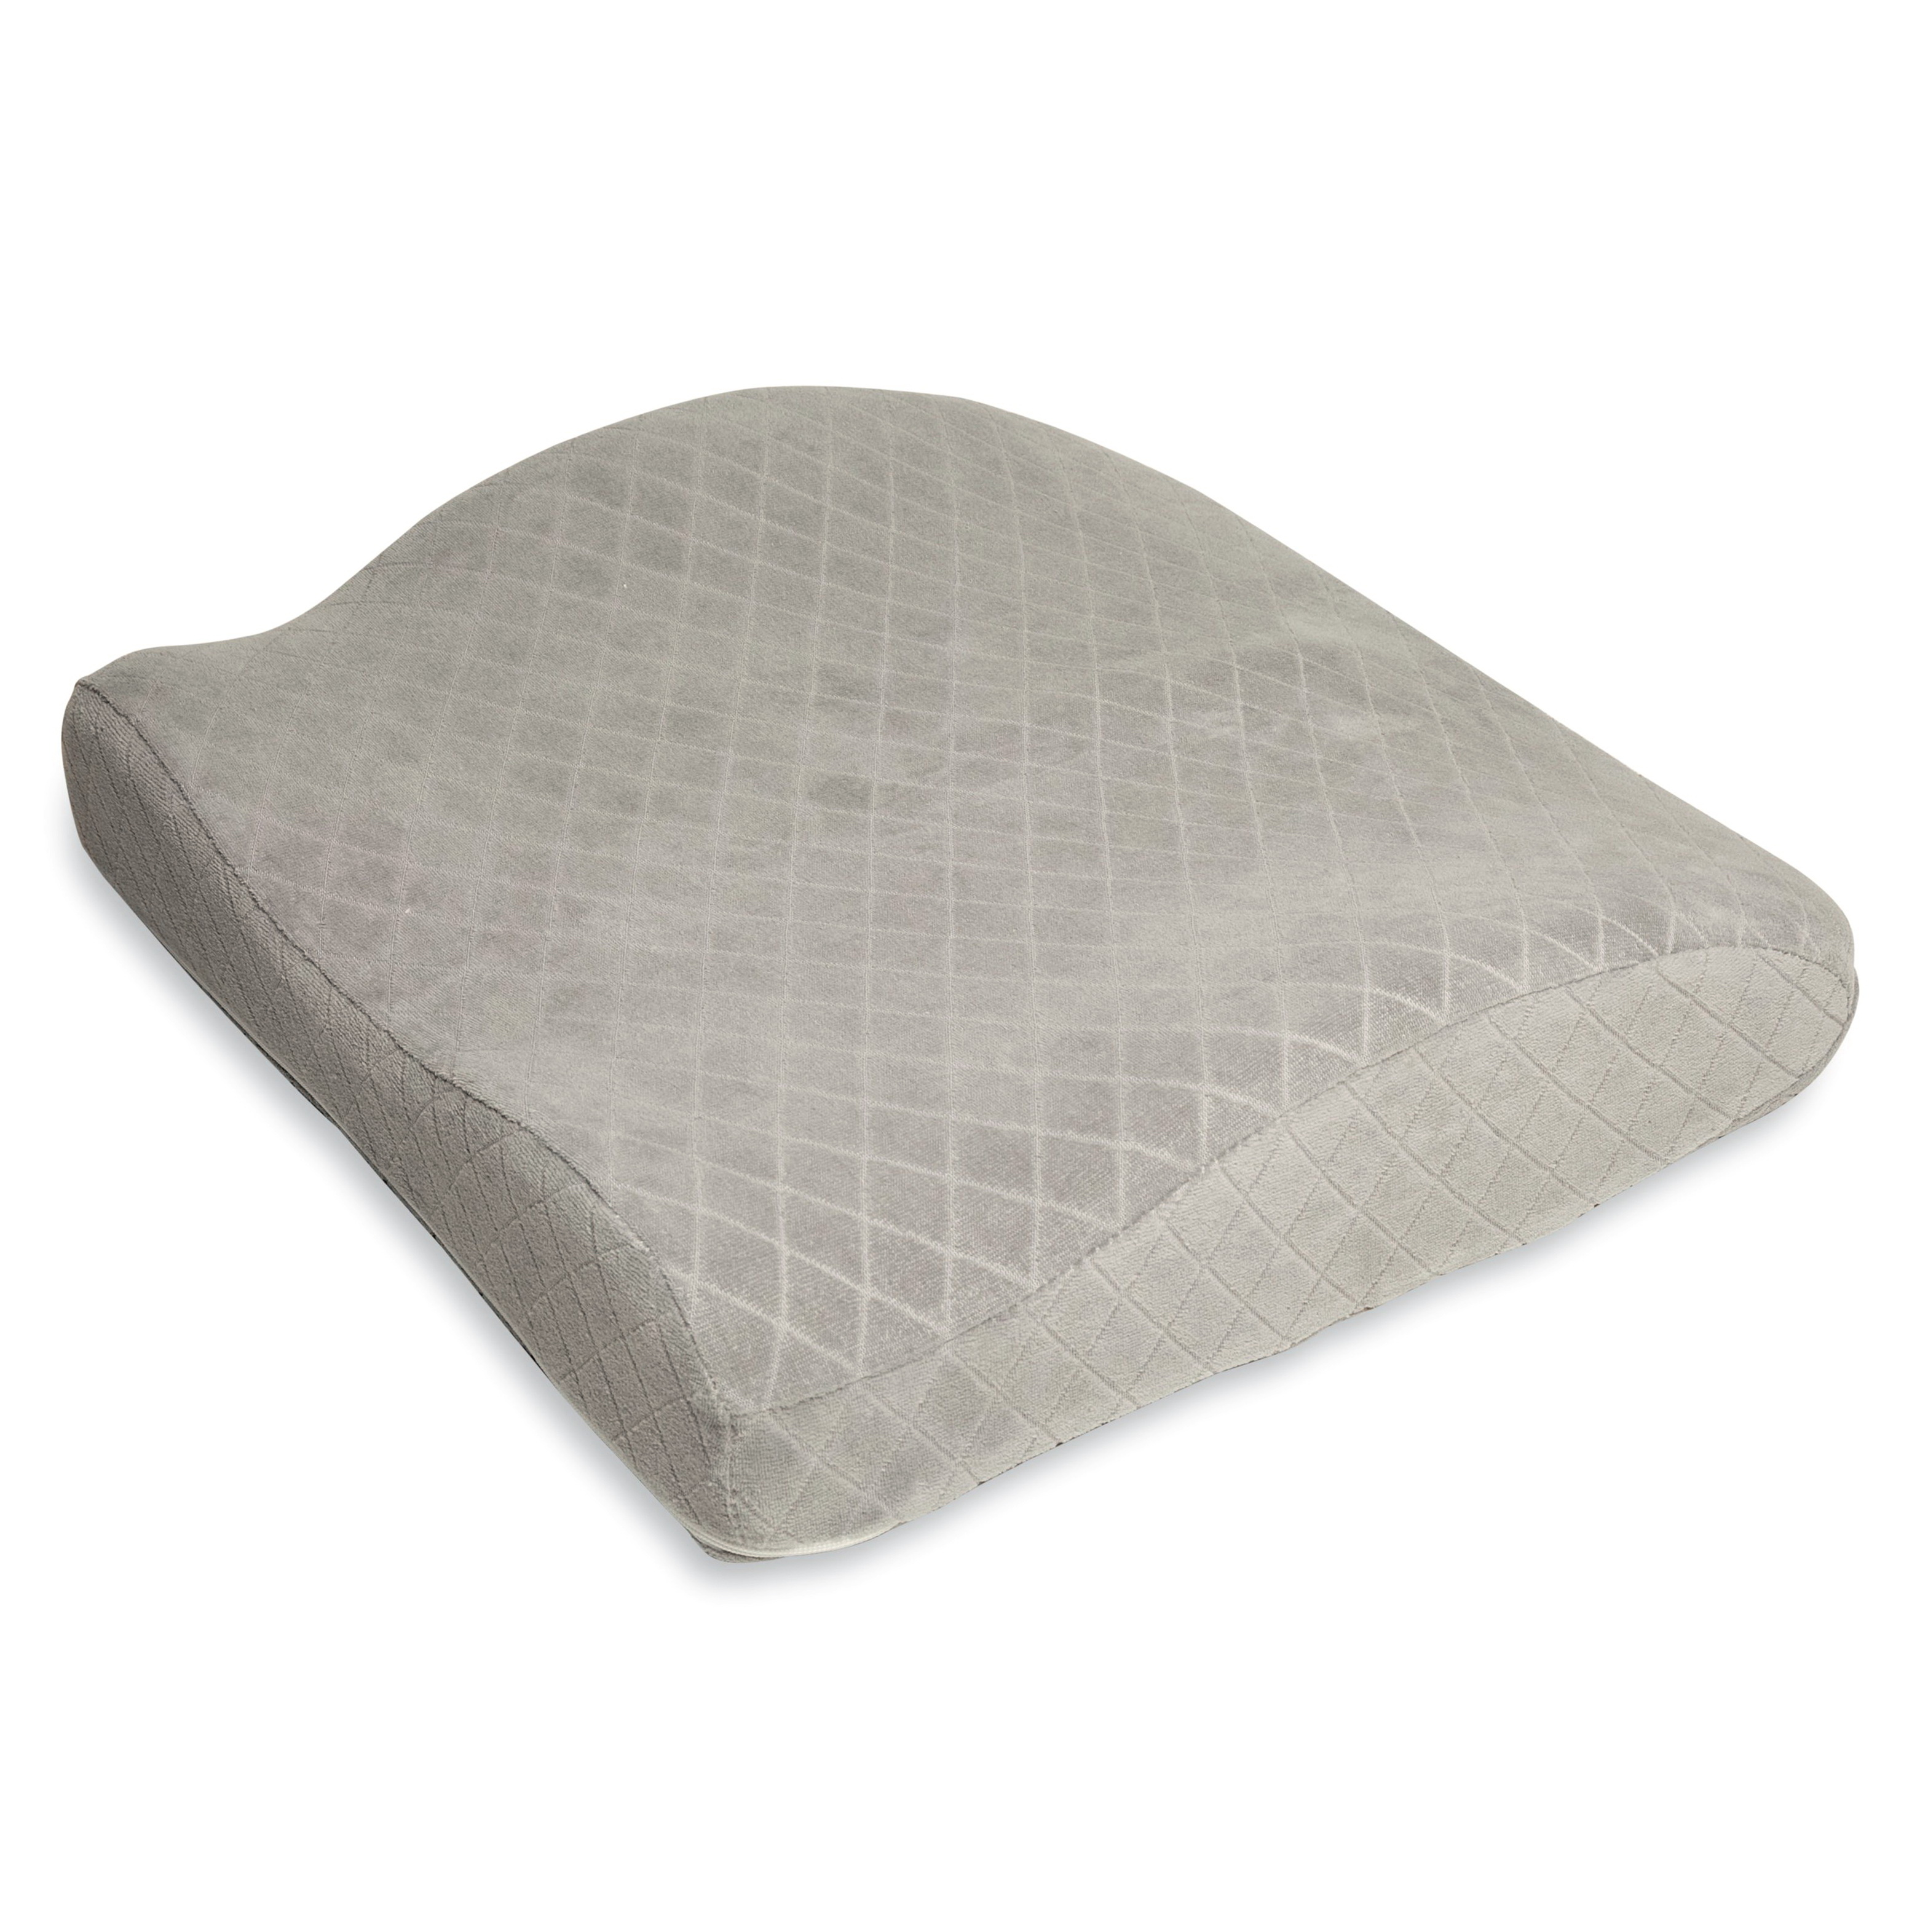 Memory Foam Chair Cushion Target Home Design Ideas